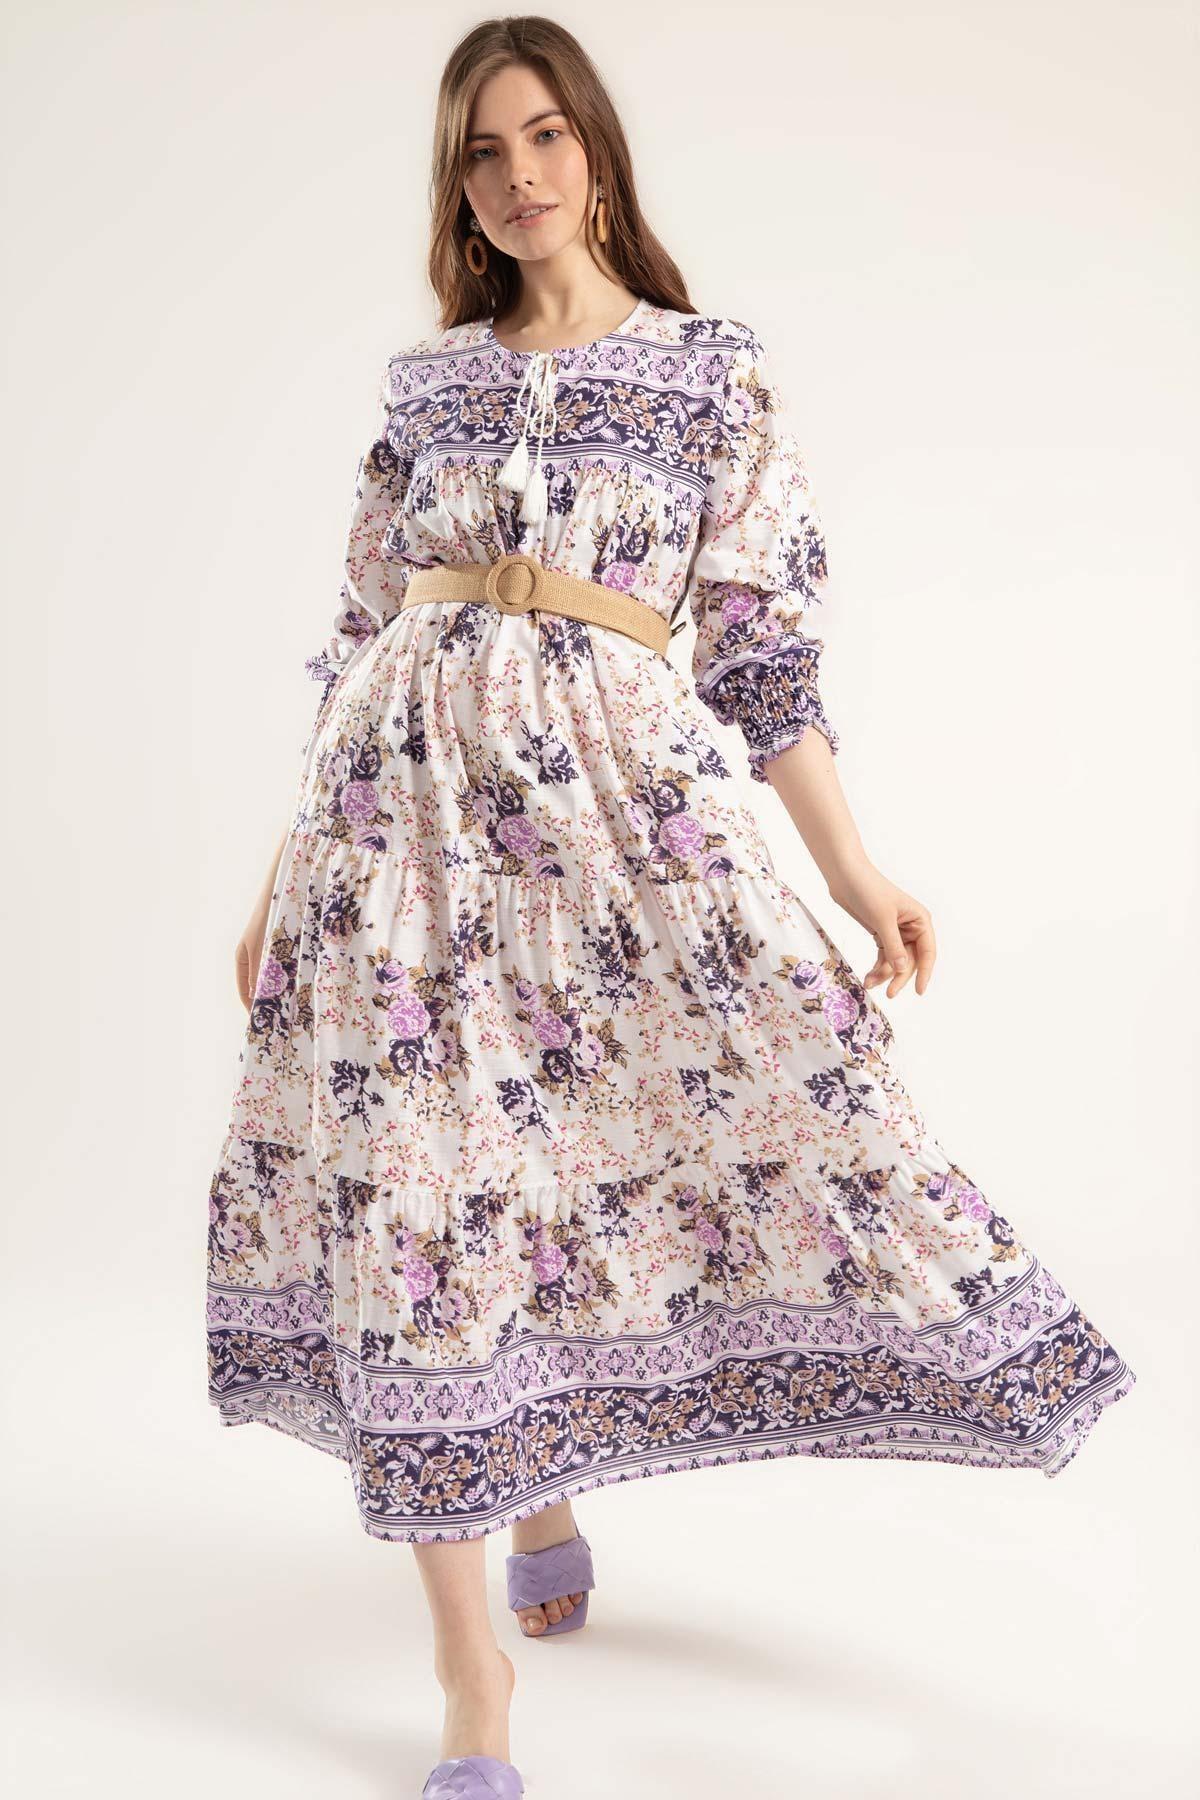 Y-London Kadın Mor Çiçek Desenli Bileği Lastikli Uzun Elbise Elbise Y20S110-1947